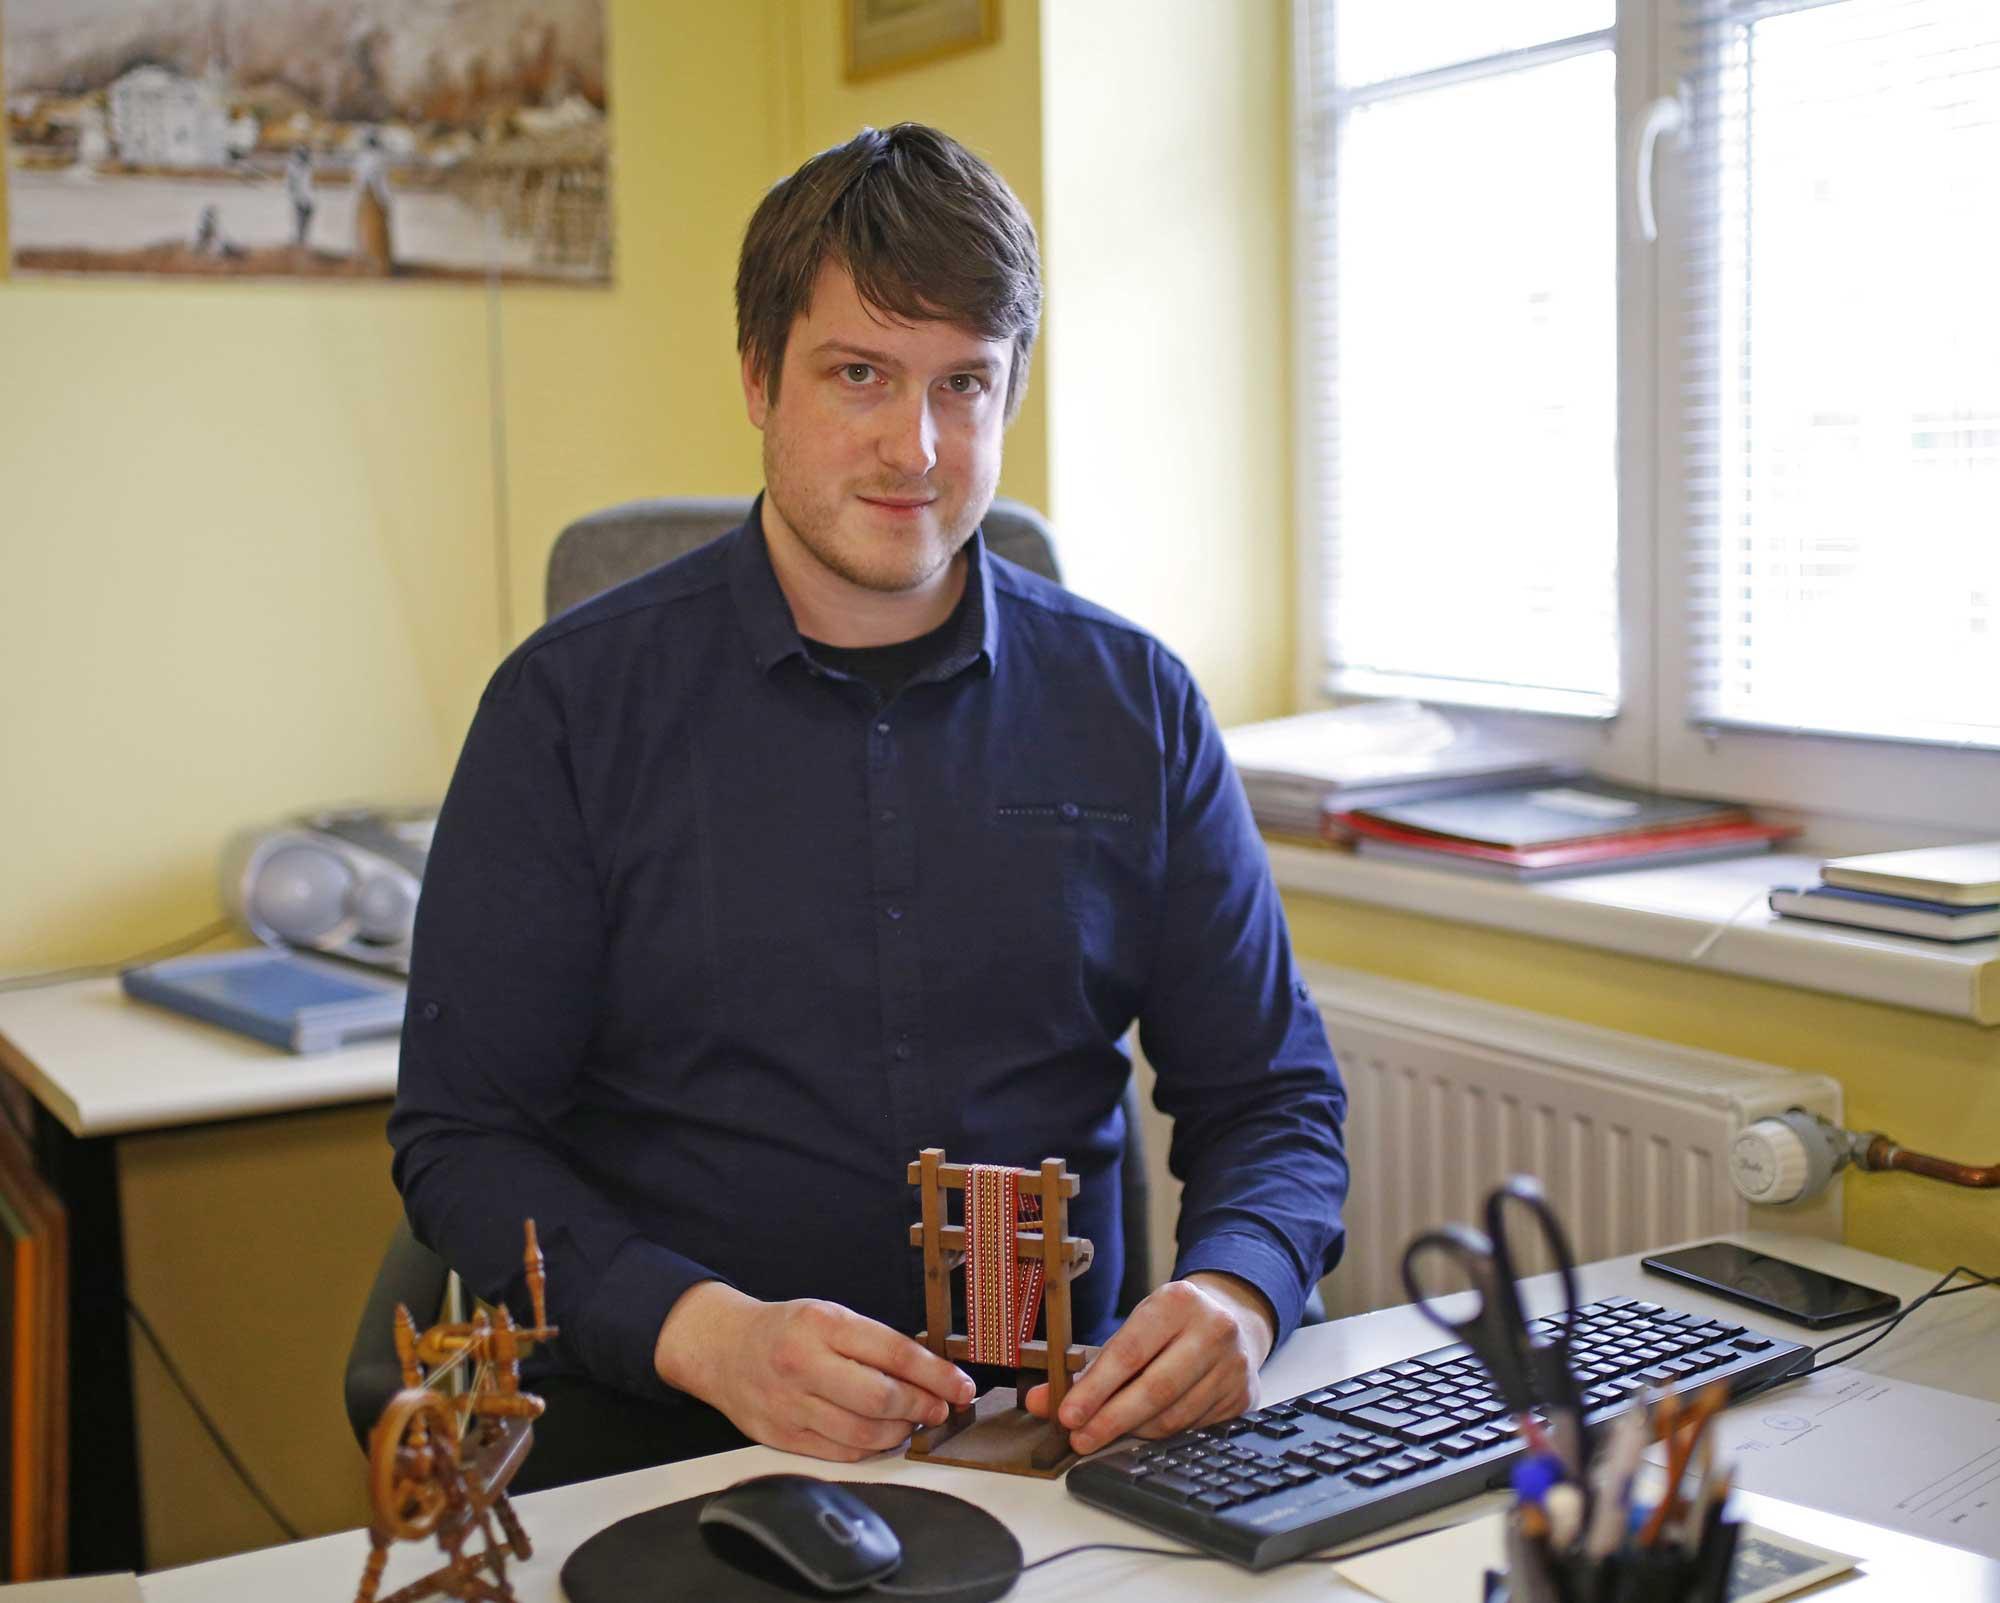 Luka Hauptman